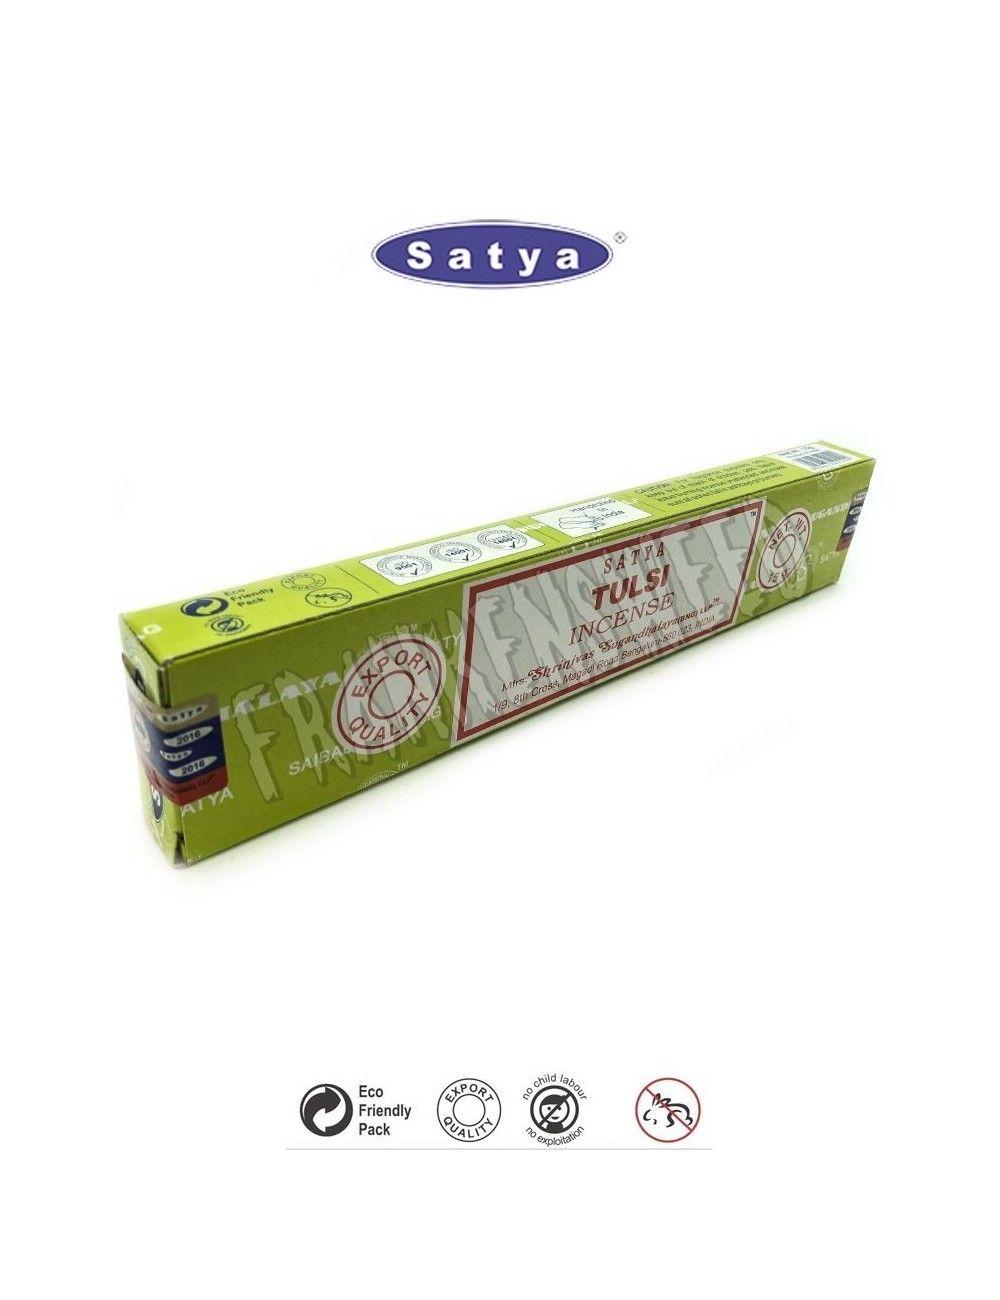 Tulsi Satya Sai Baba Incense Sticks